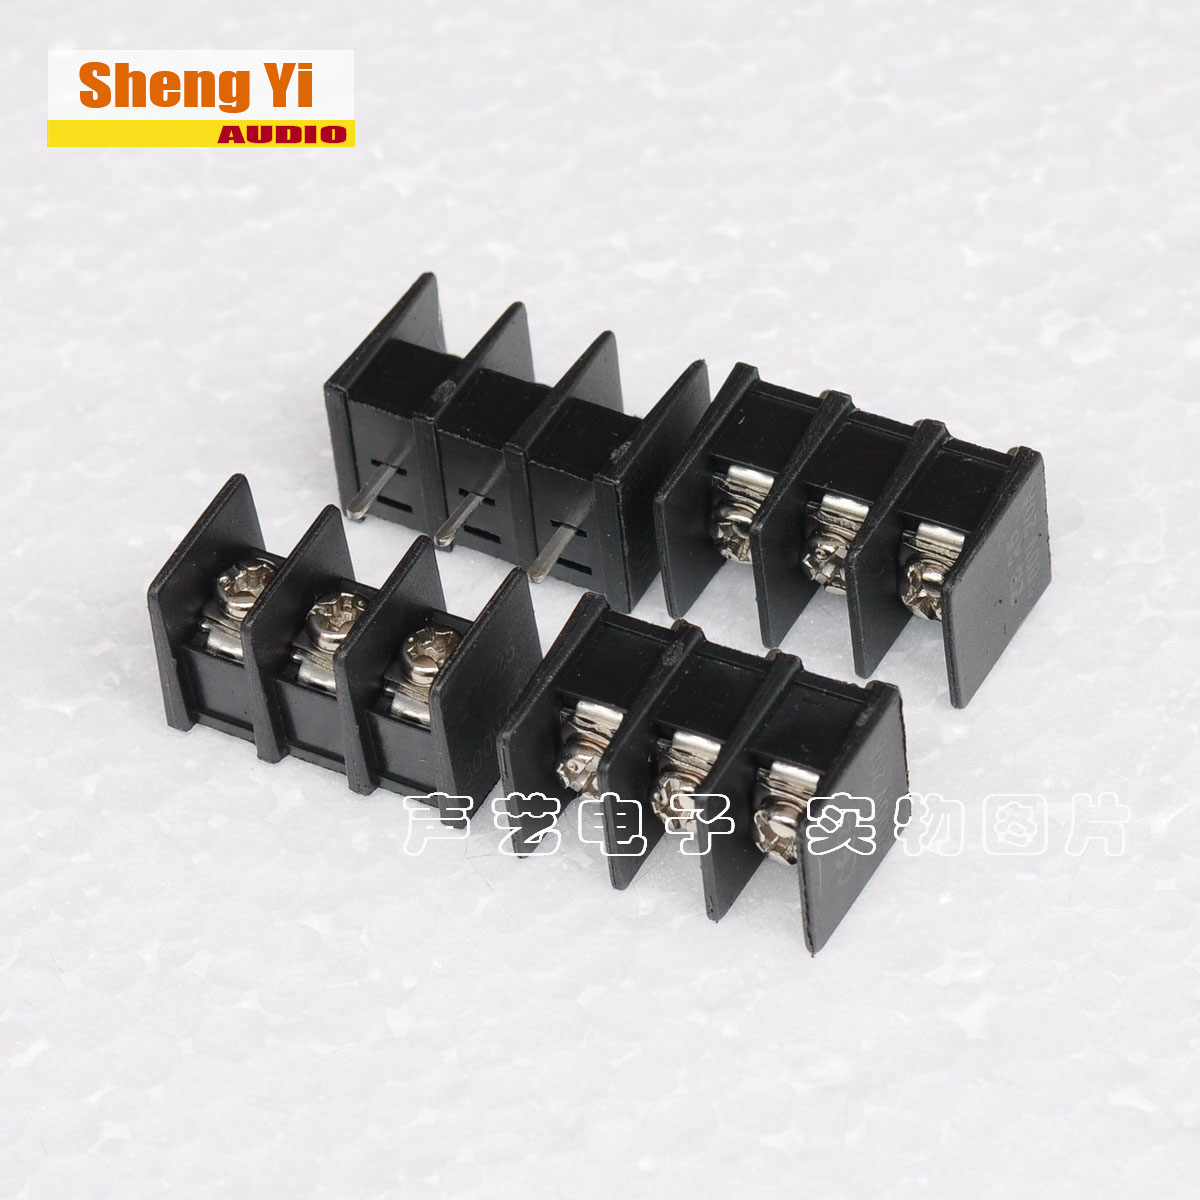 Зажим/клемма Забор нажав на сброс цепи клеммника 3р терминальный тангаж 7.62 mm pin в середине